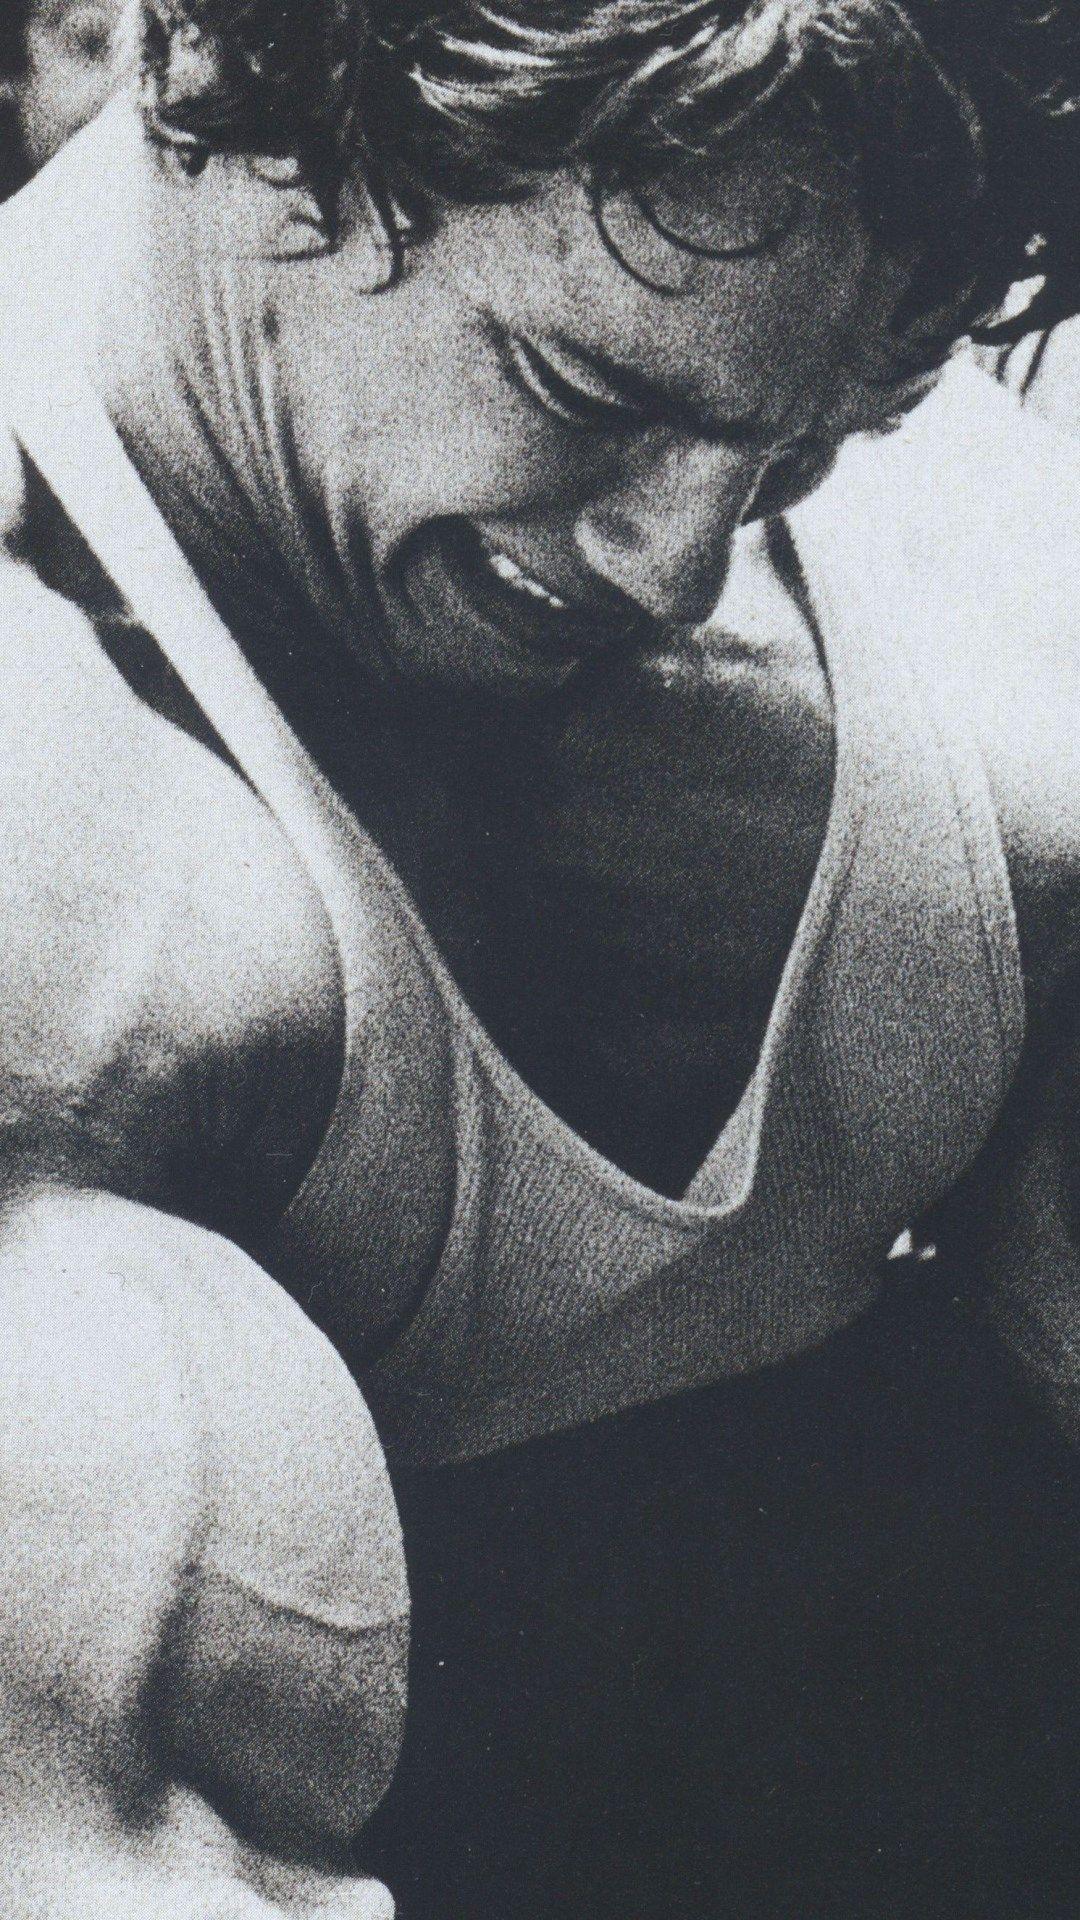 Arnold Schwarzenegger Iphone Wallpaper Hd Arnold Schwarzenegger Schwarzenegger Schwarzenegger Bodybuilding